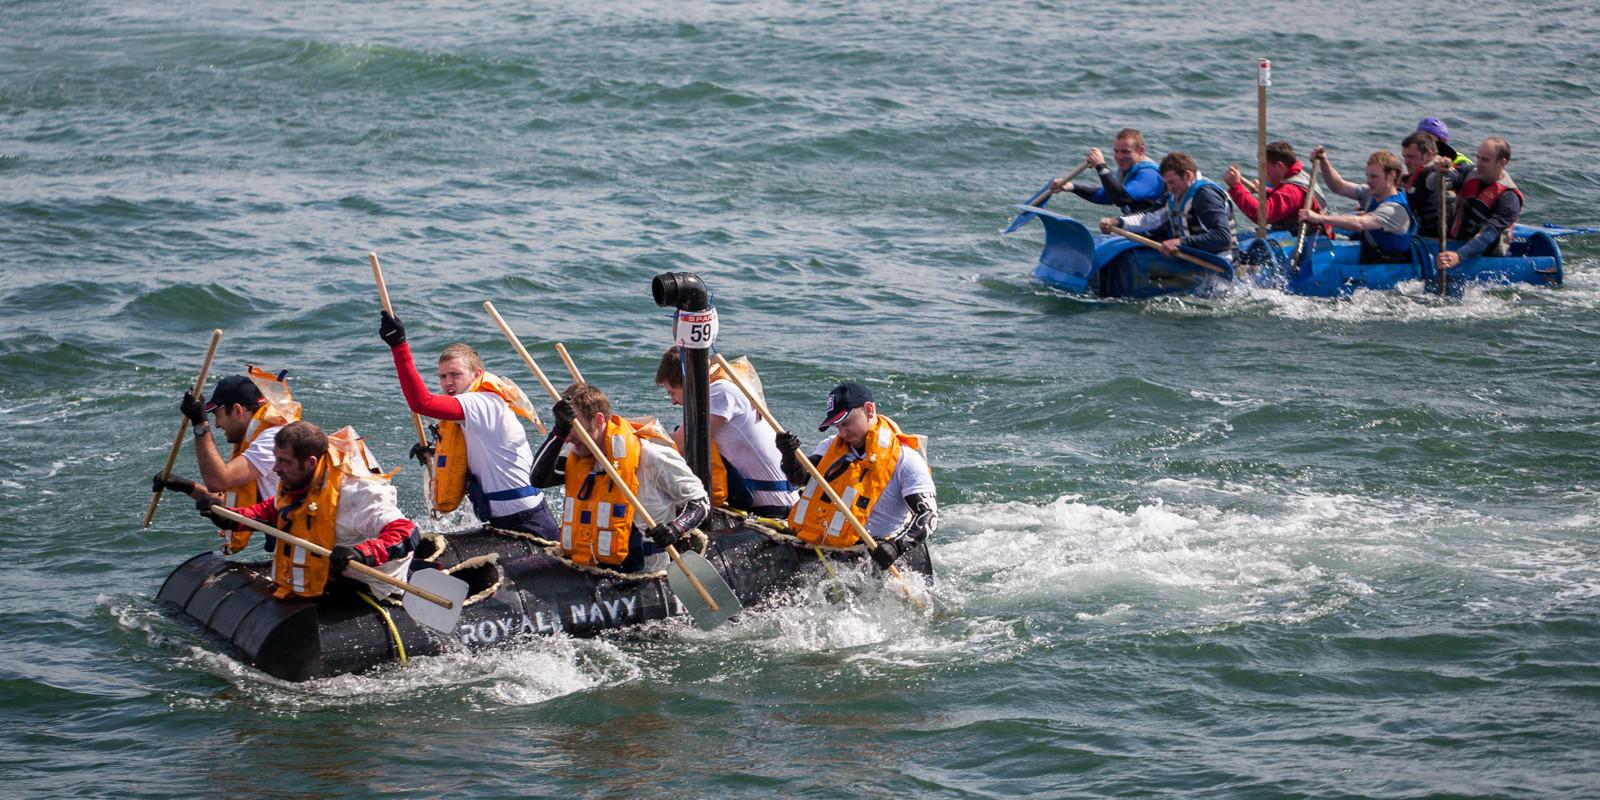 PDI - Raft Race by Nigel Bell ( 9 marks)